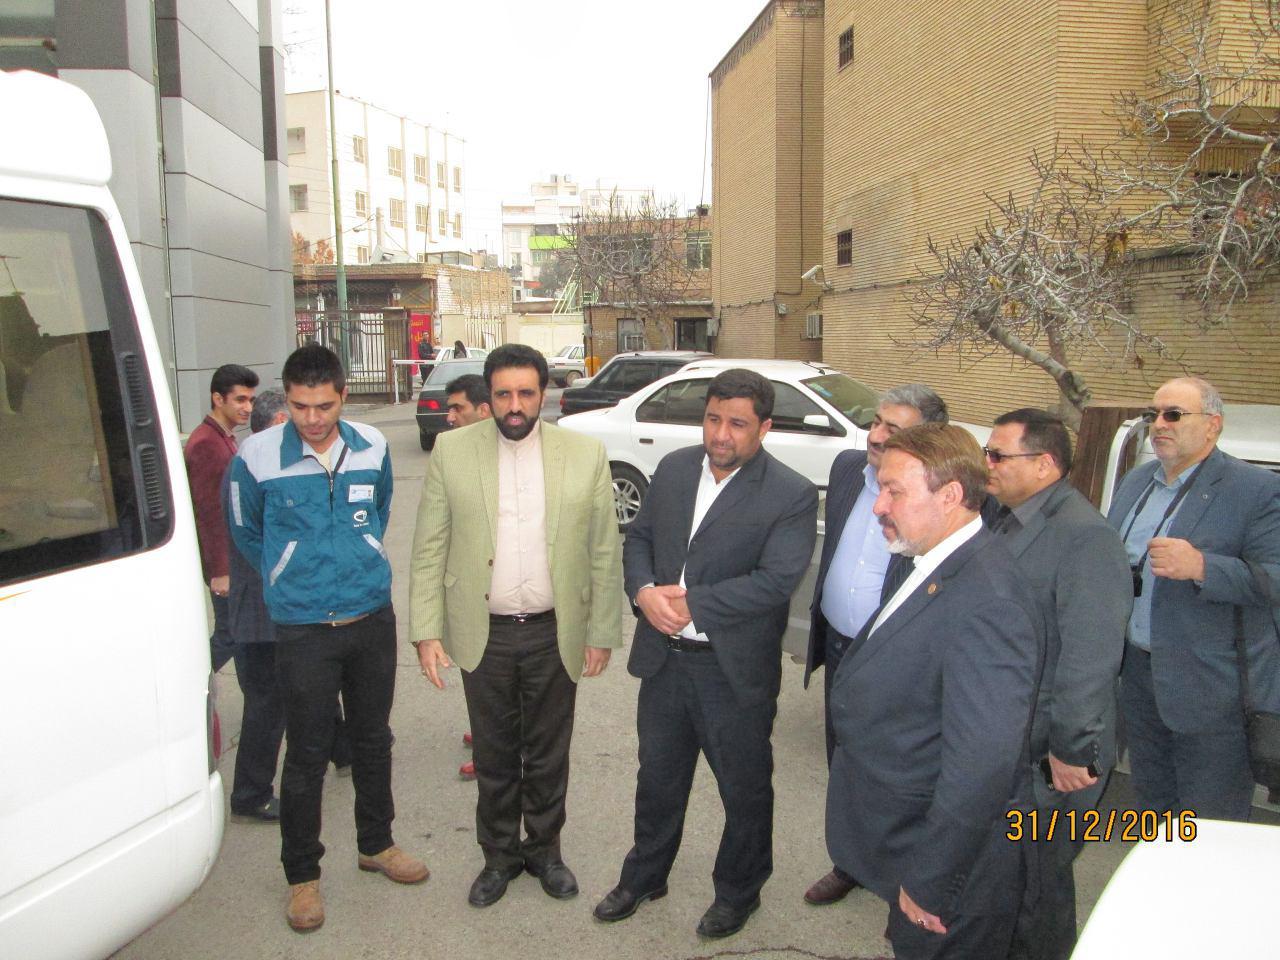 ۴ فرماندار برای تعیین تکلیف ایستگاههای اتوبوس و تاکسیهای دشت ورامین تصمیم میگیرند